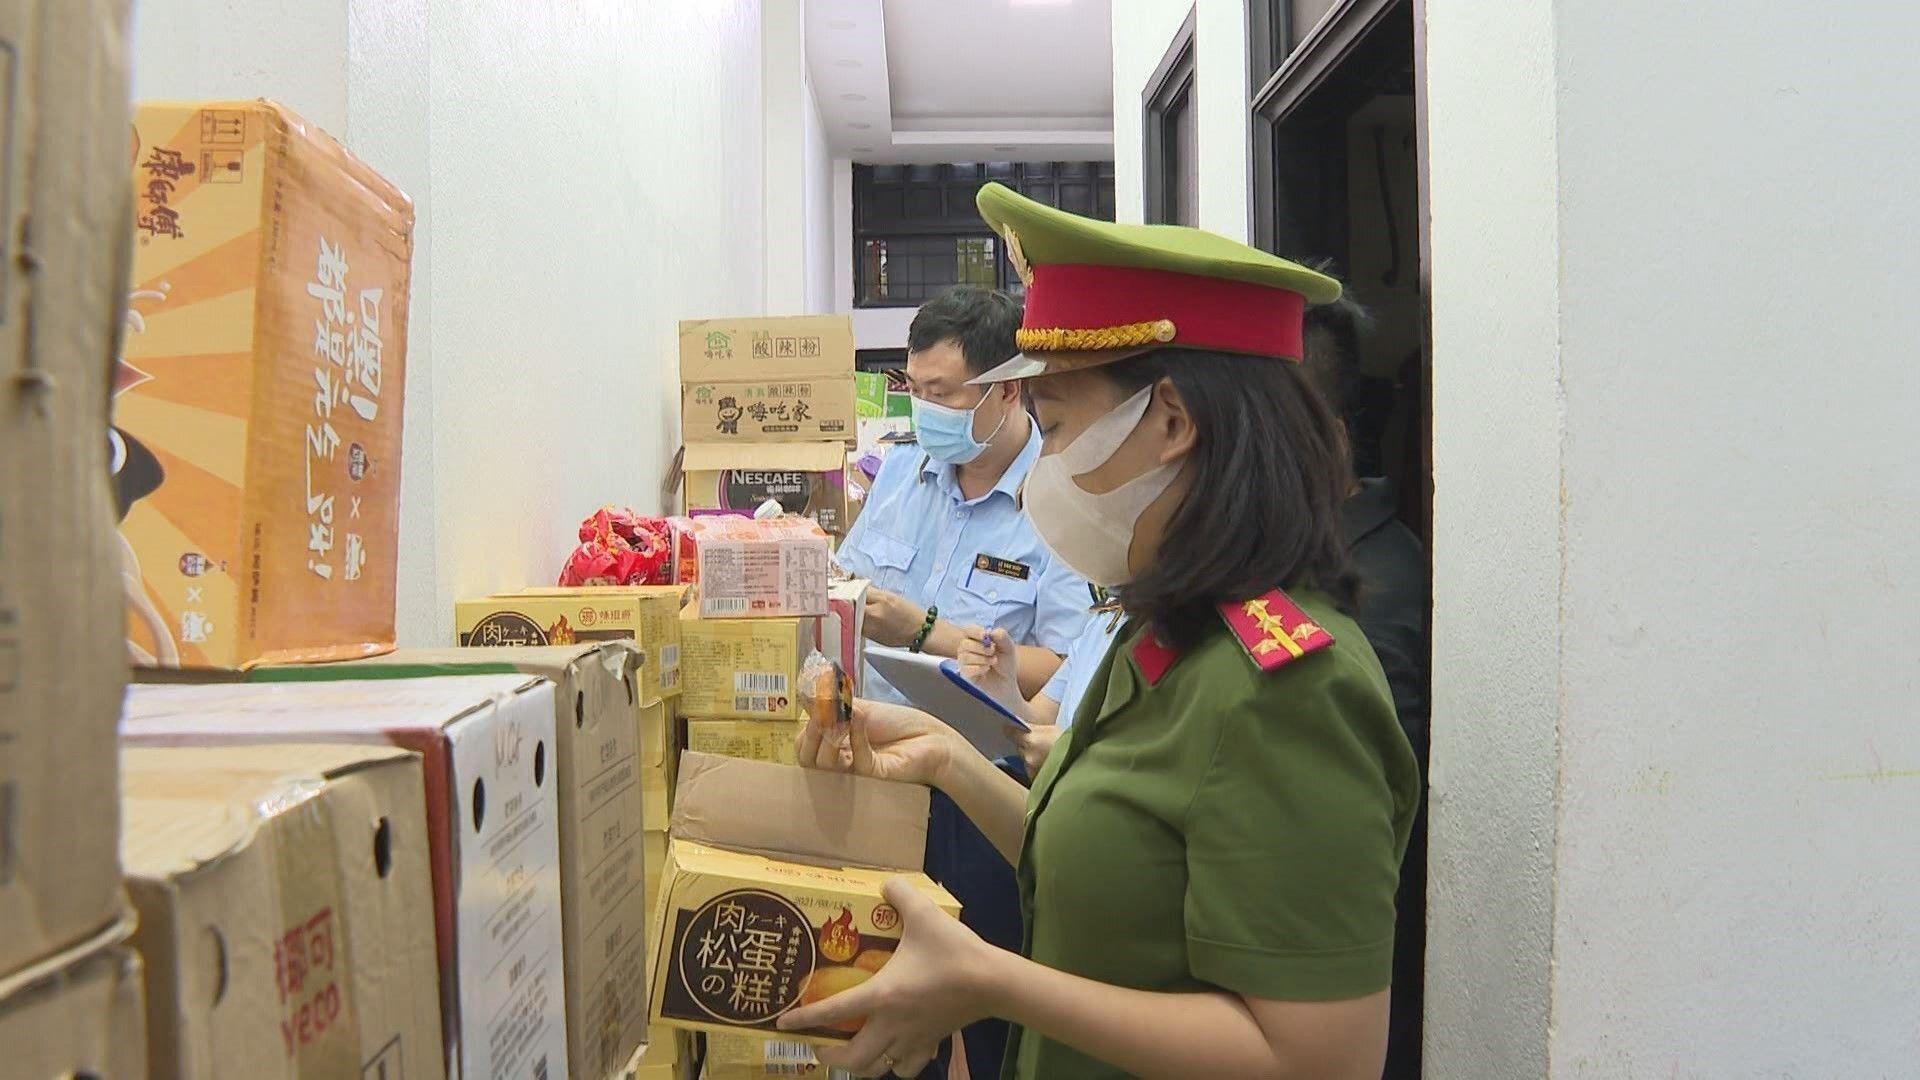 Thanh Hóa: Phát hiện gần 5 tấn bánh kẹo, thực phẩm và gần 1.000 chai đồ uống không nguồn gốc, xuất xứ - Sputnik Việt Nam, 1920, 18.09.2021